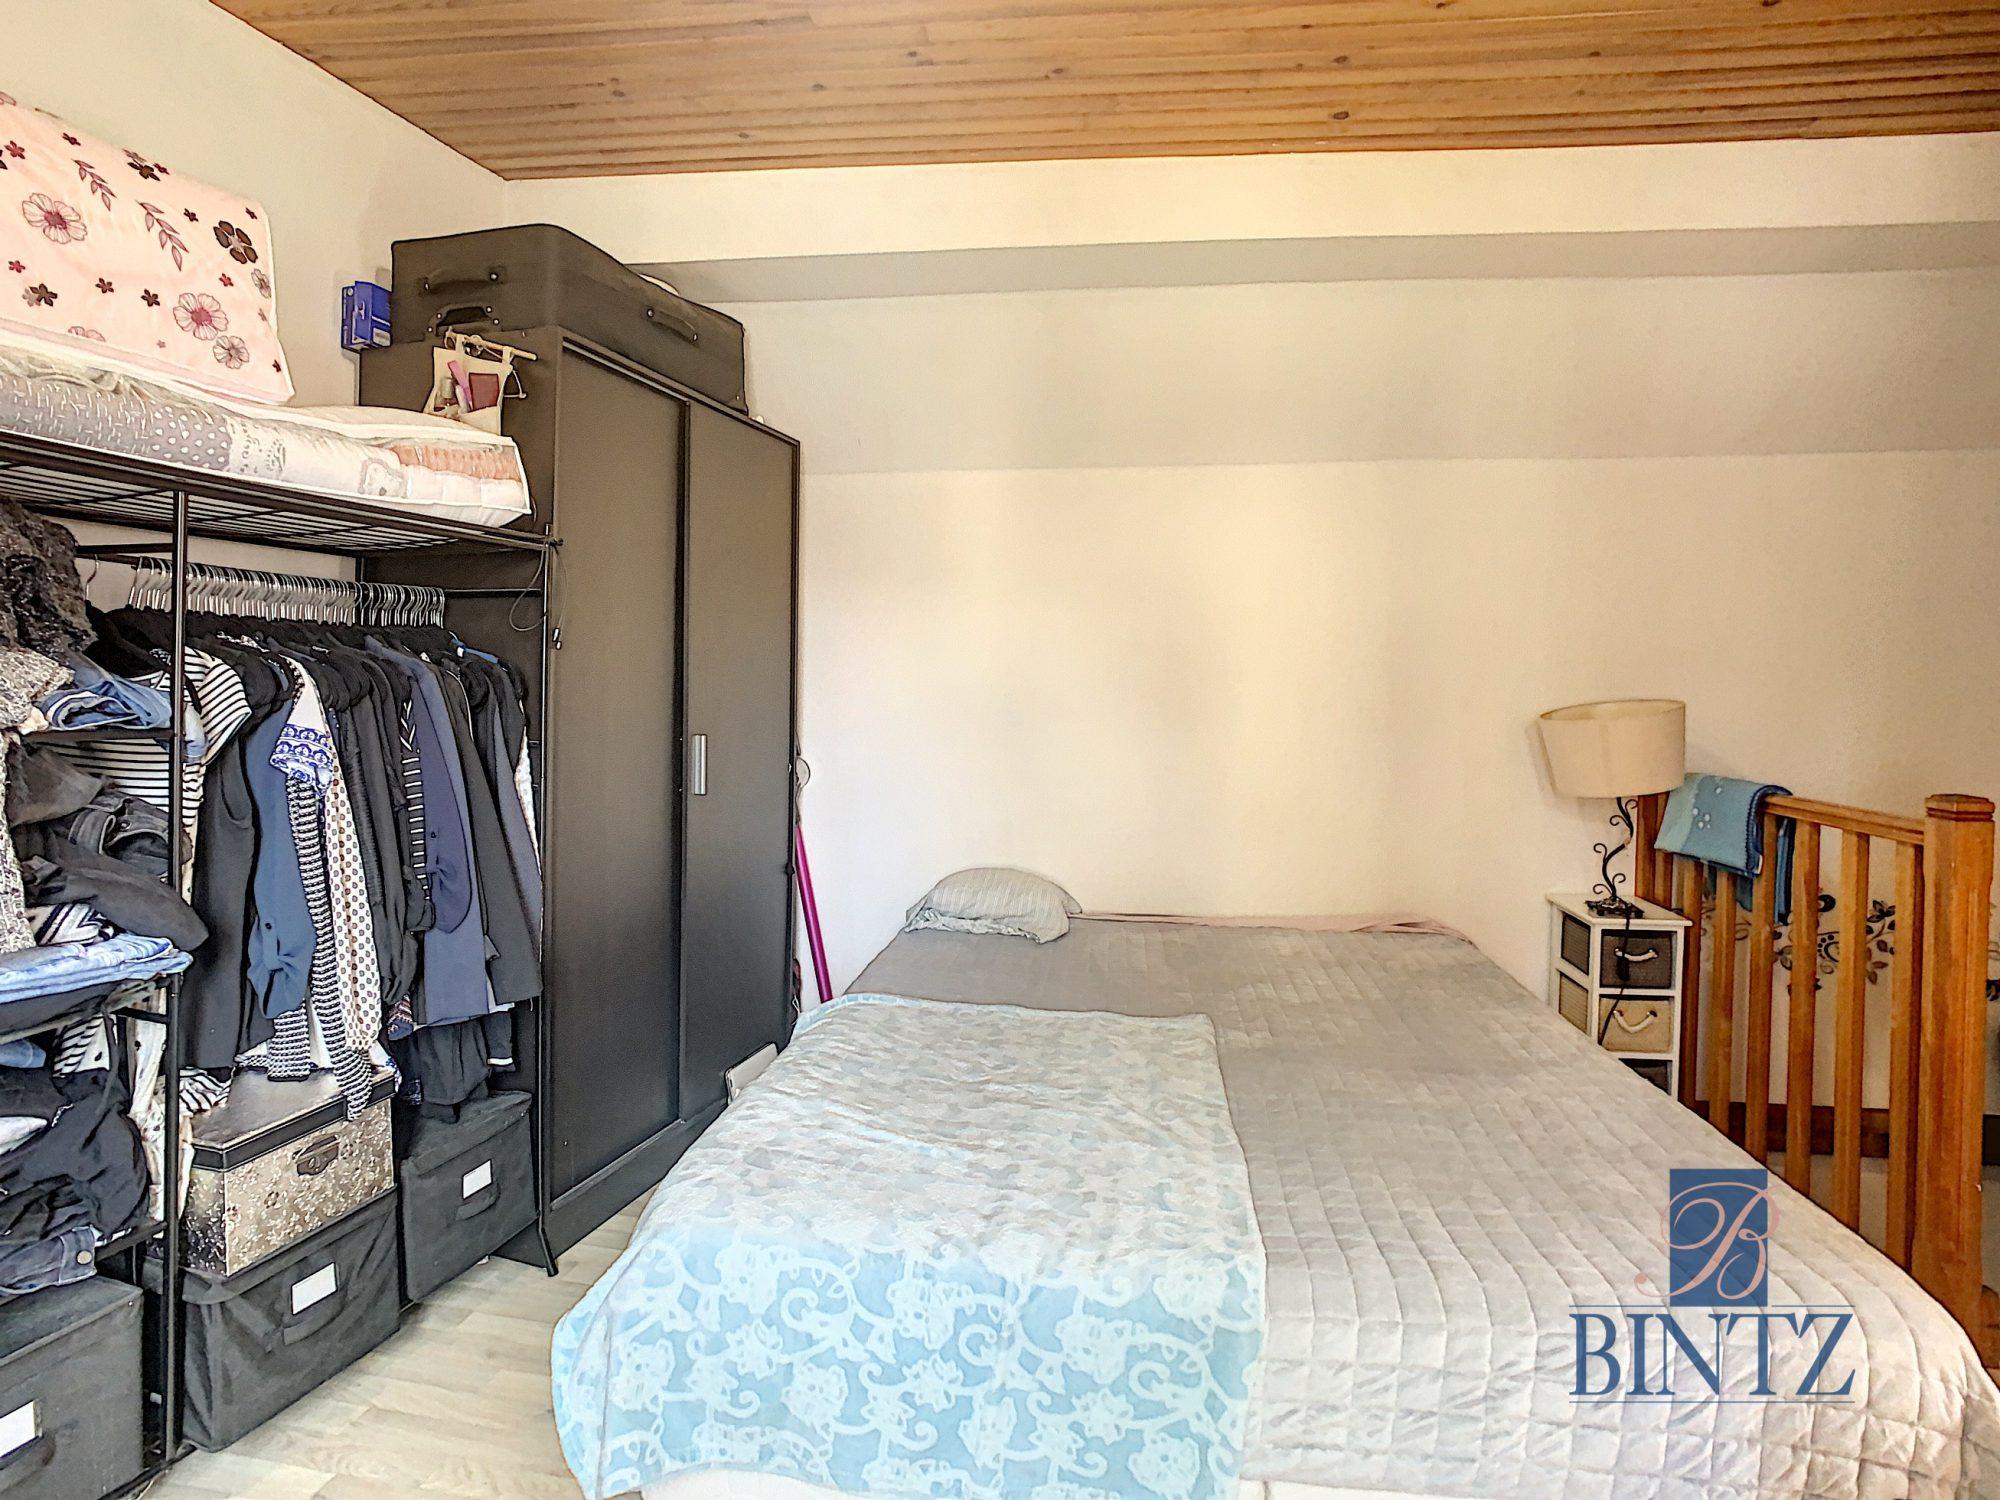 Pour investisseur : maison 2 pièces louée, avec garage fermé - Devenez propriétaire en toute confiance - Bintz Immobilier - 5